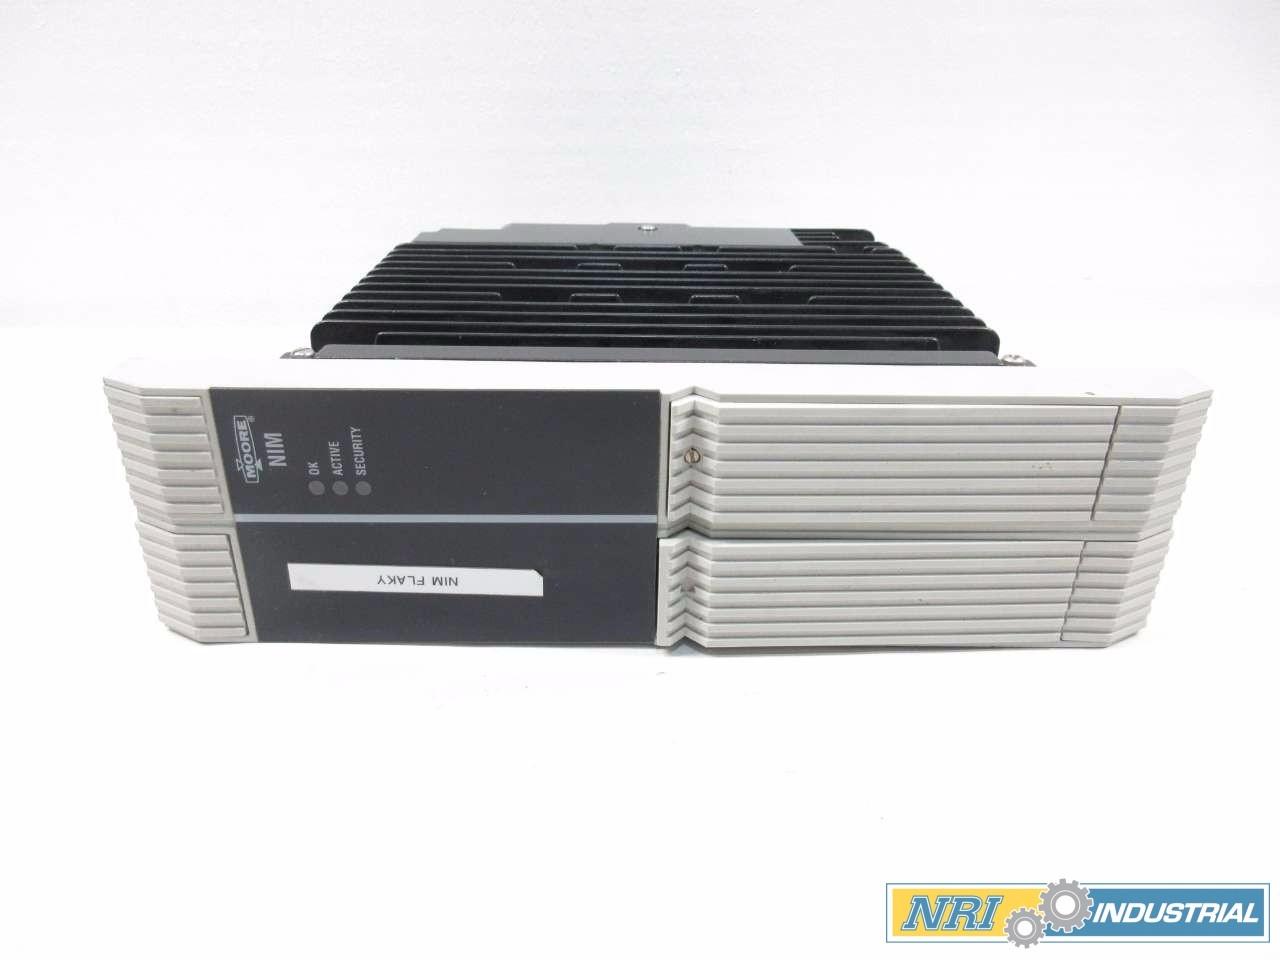 MOORE R-39NIM421BAN 16194-91/OE CONTROL